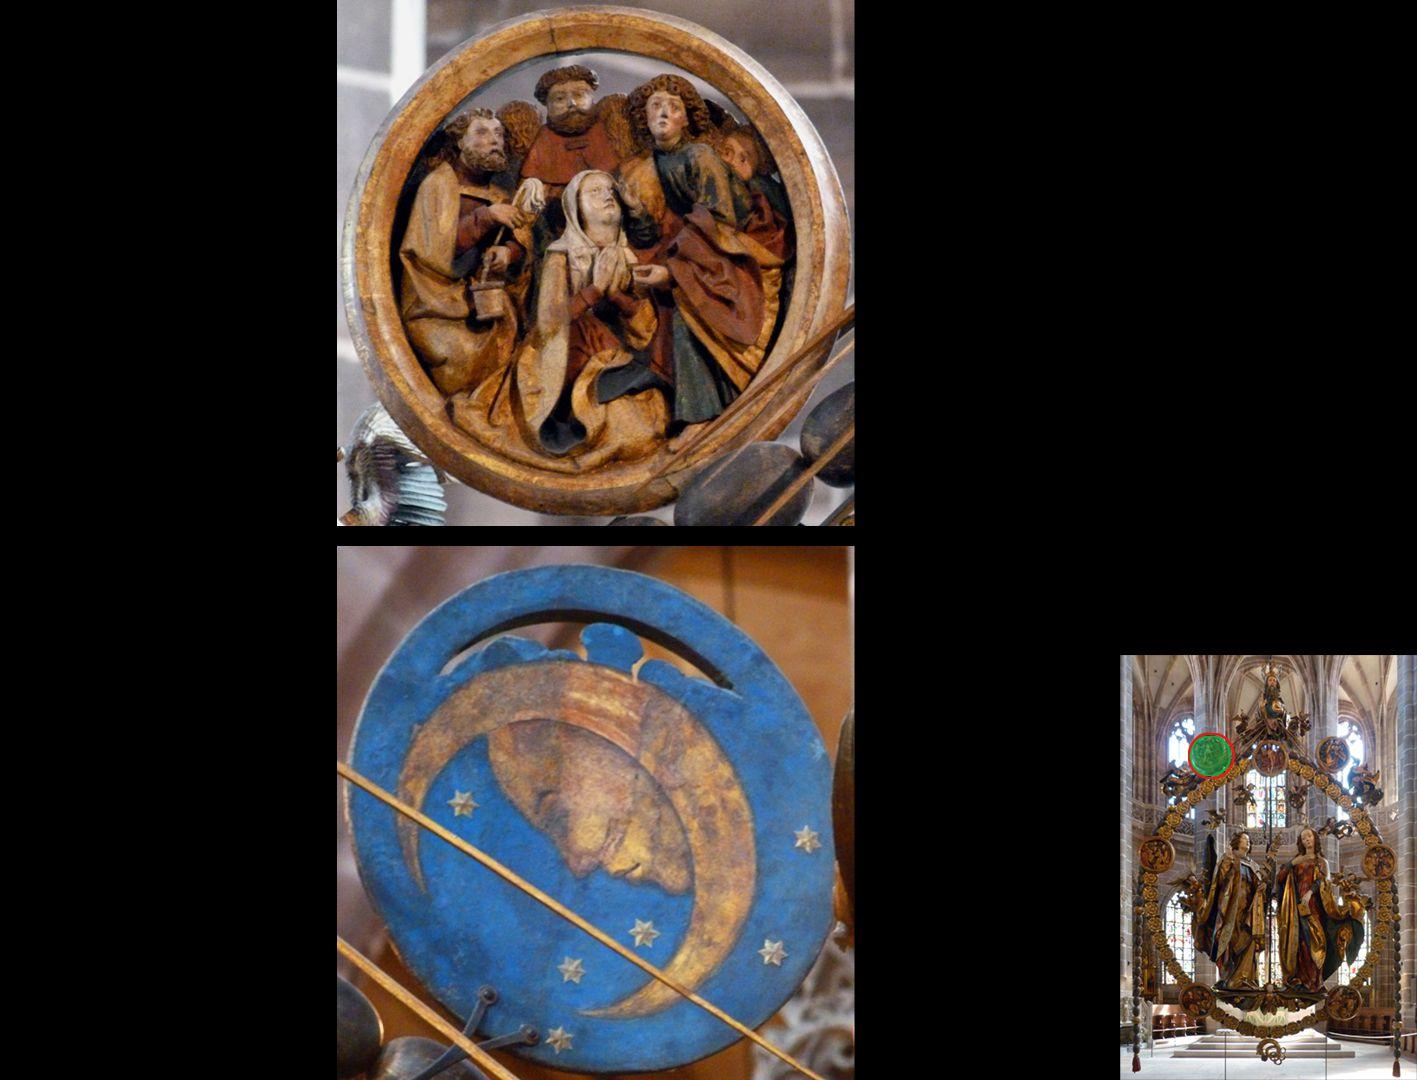 Englischer Gruß Marientodmedaillon von vorne und hinten (unten rechts Detaillokalisierung)